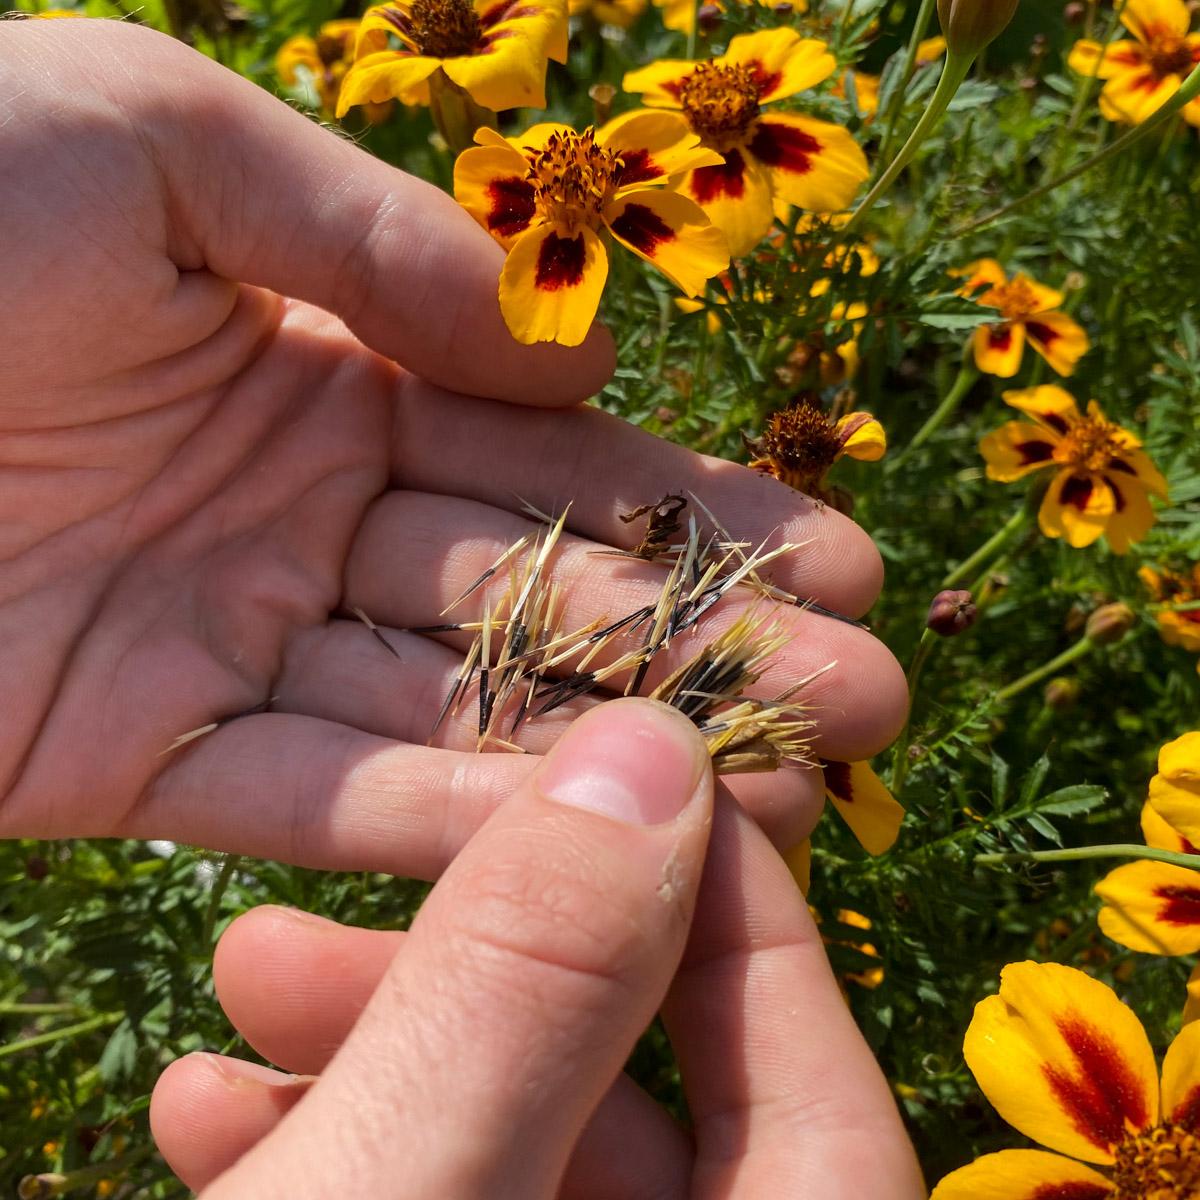 zelf-zaden-oogsten-08.jpg